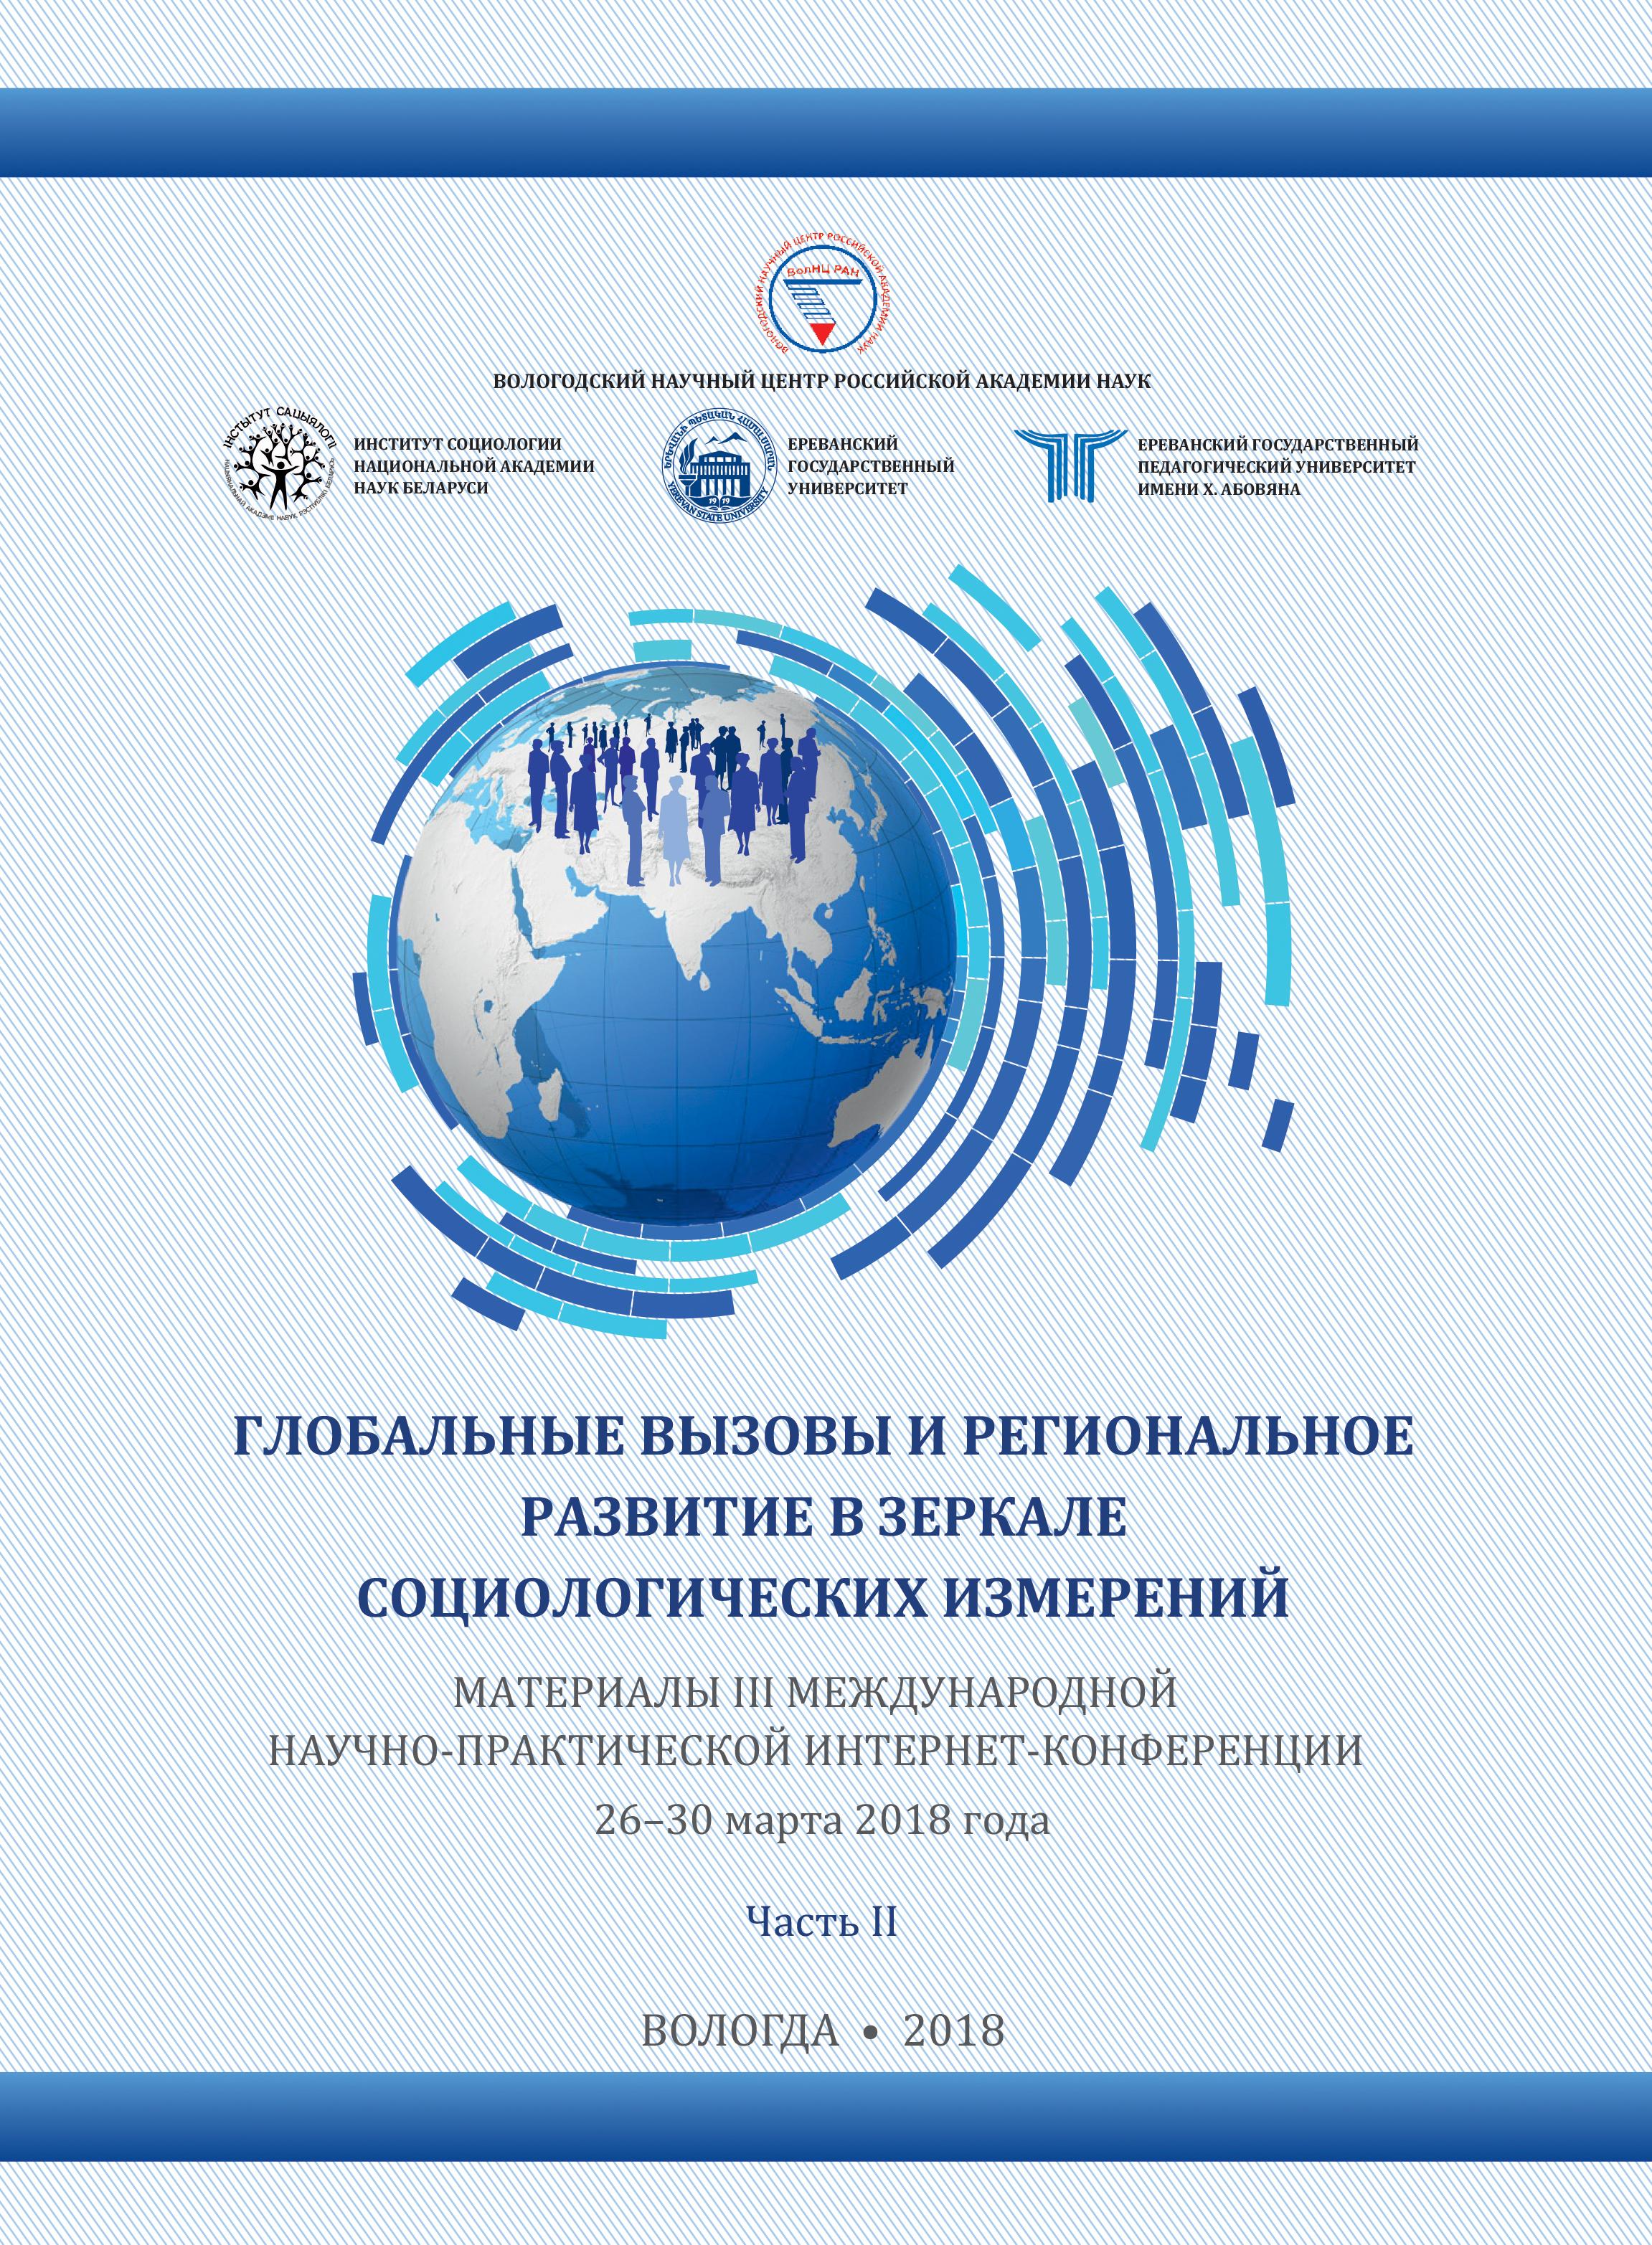 globalnye vyzovy i regionalnoe razvitie v zerkale sotsiologicheskikh izmereniy 2018 g chast ii